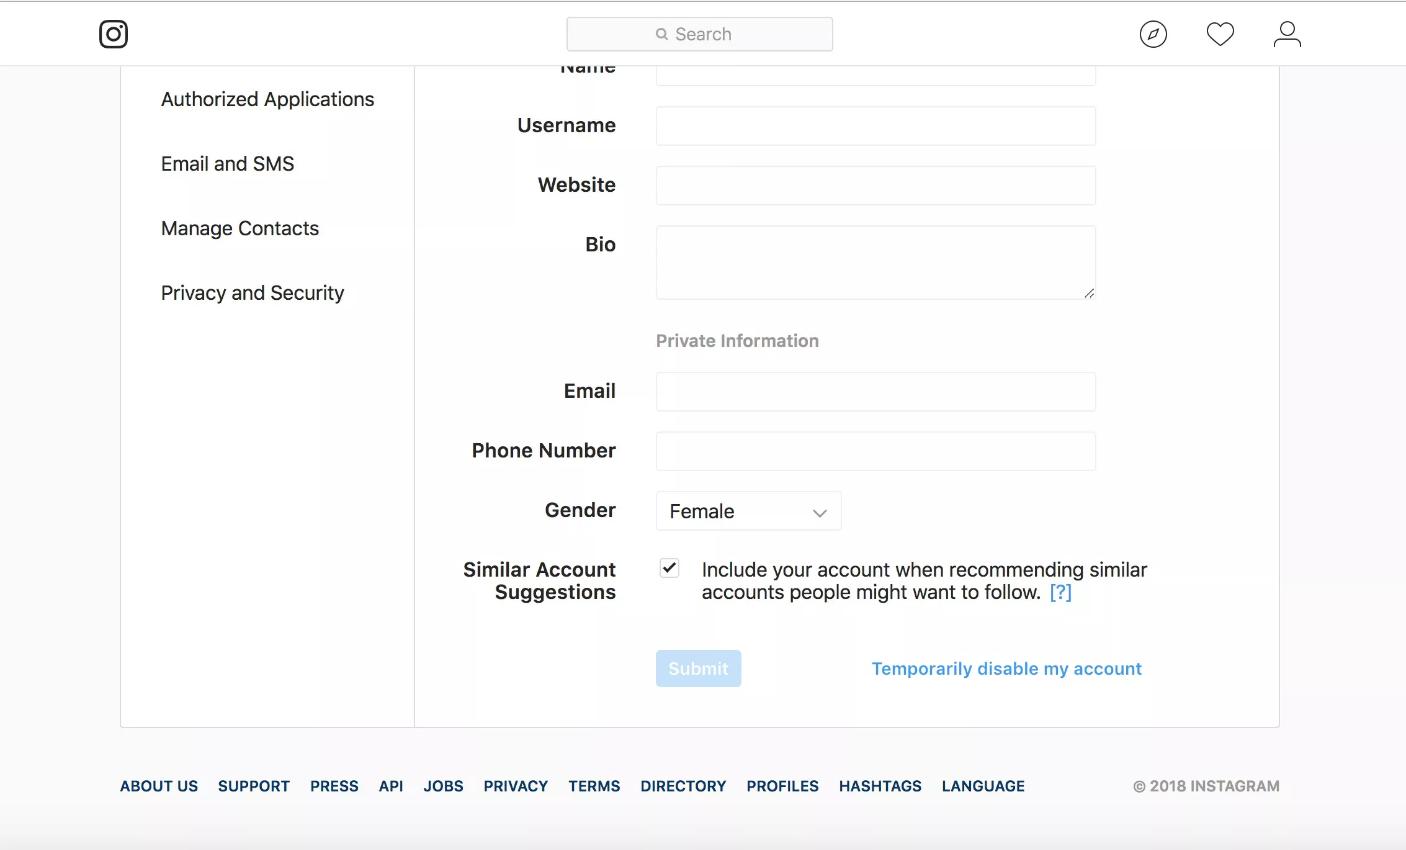 روکیدا - چگونه حساب کاربری خود در اینستاگرام را حذف کنیم یا موقتاً غیر فعال کنیم؟ - اینستاگرام, ترفندهای موبایل